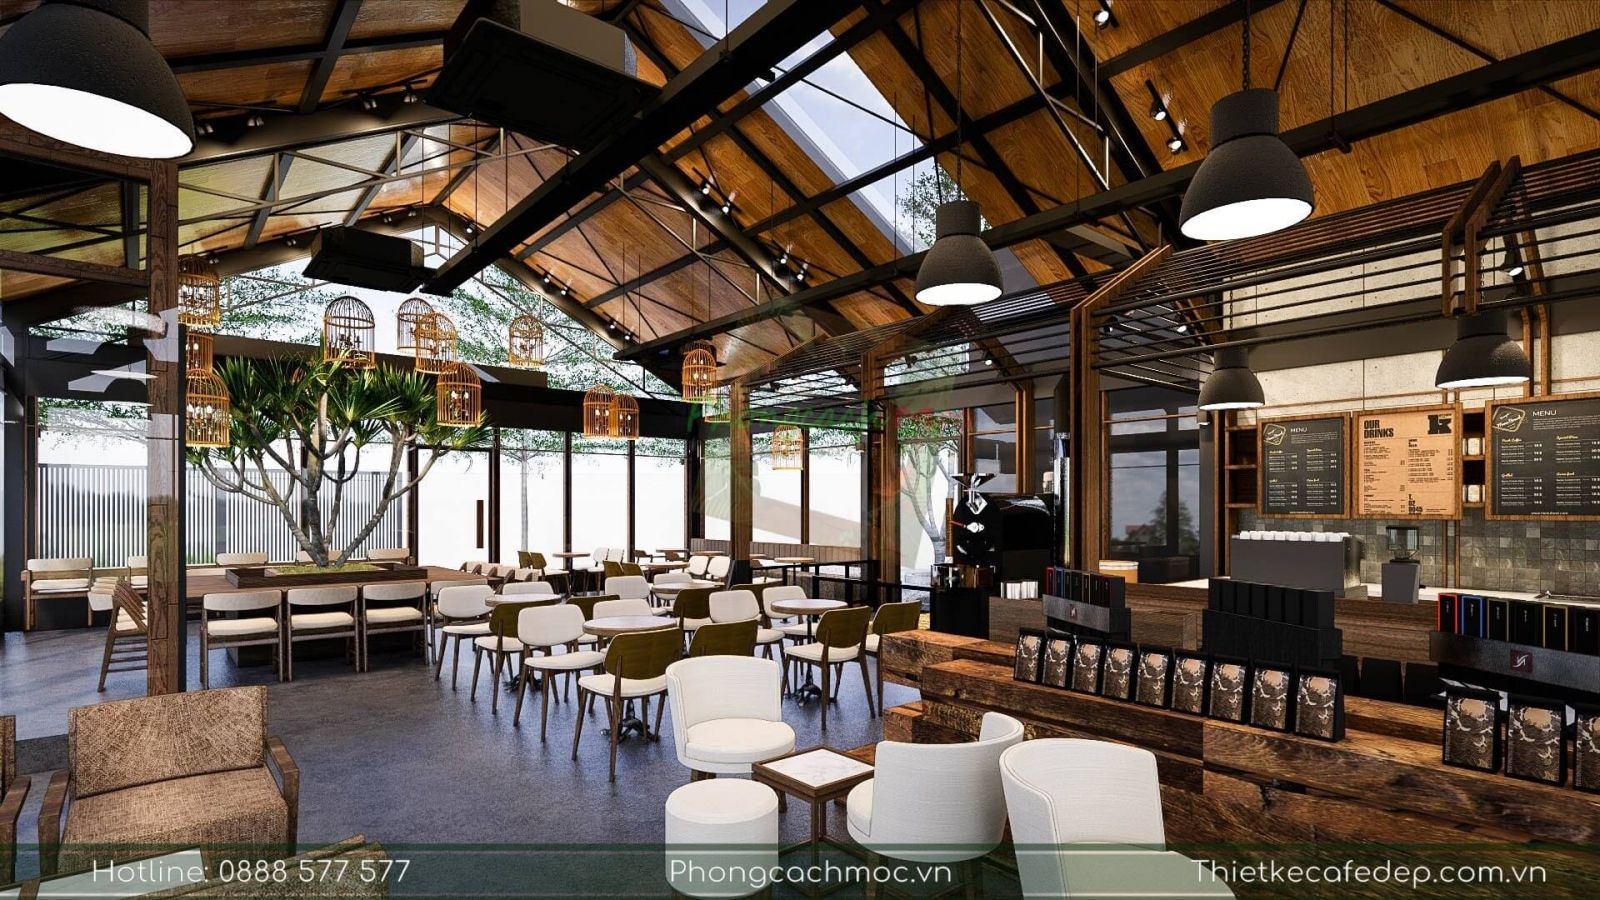 khu vực quầy bar phục vụ tại quán cà phê the coffee town